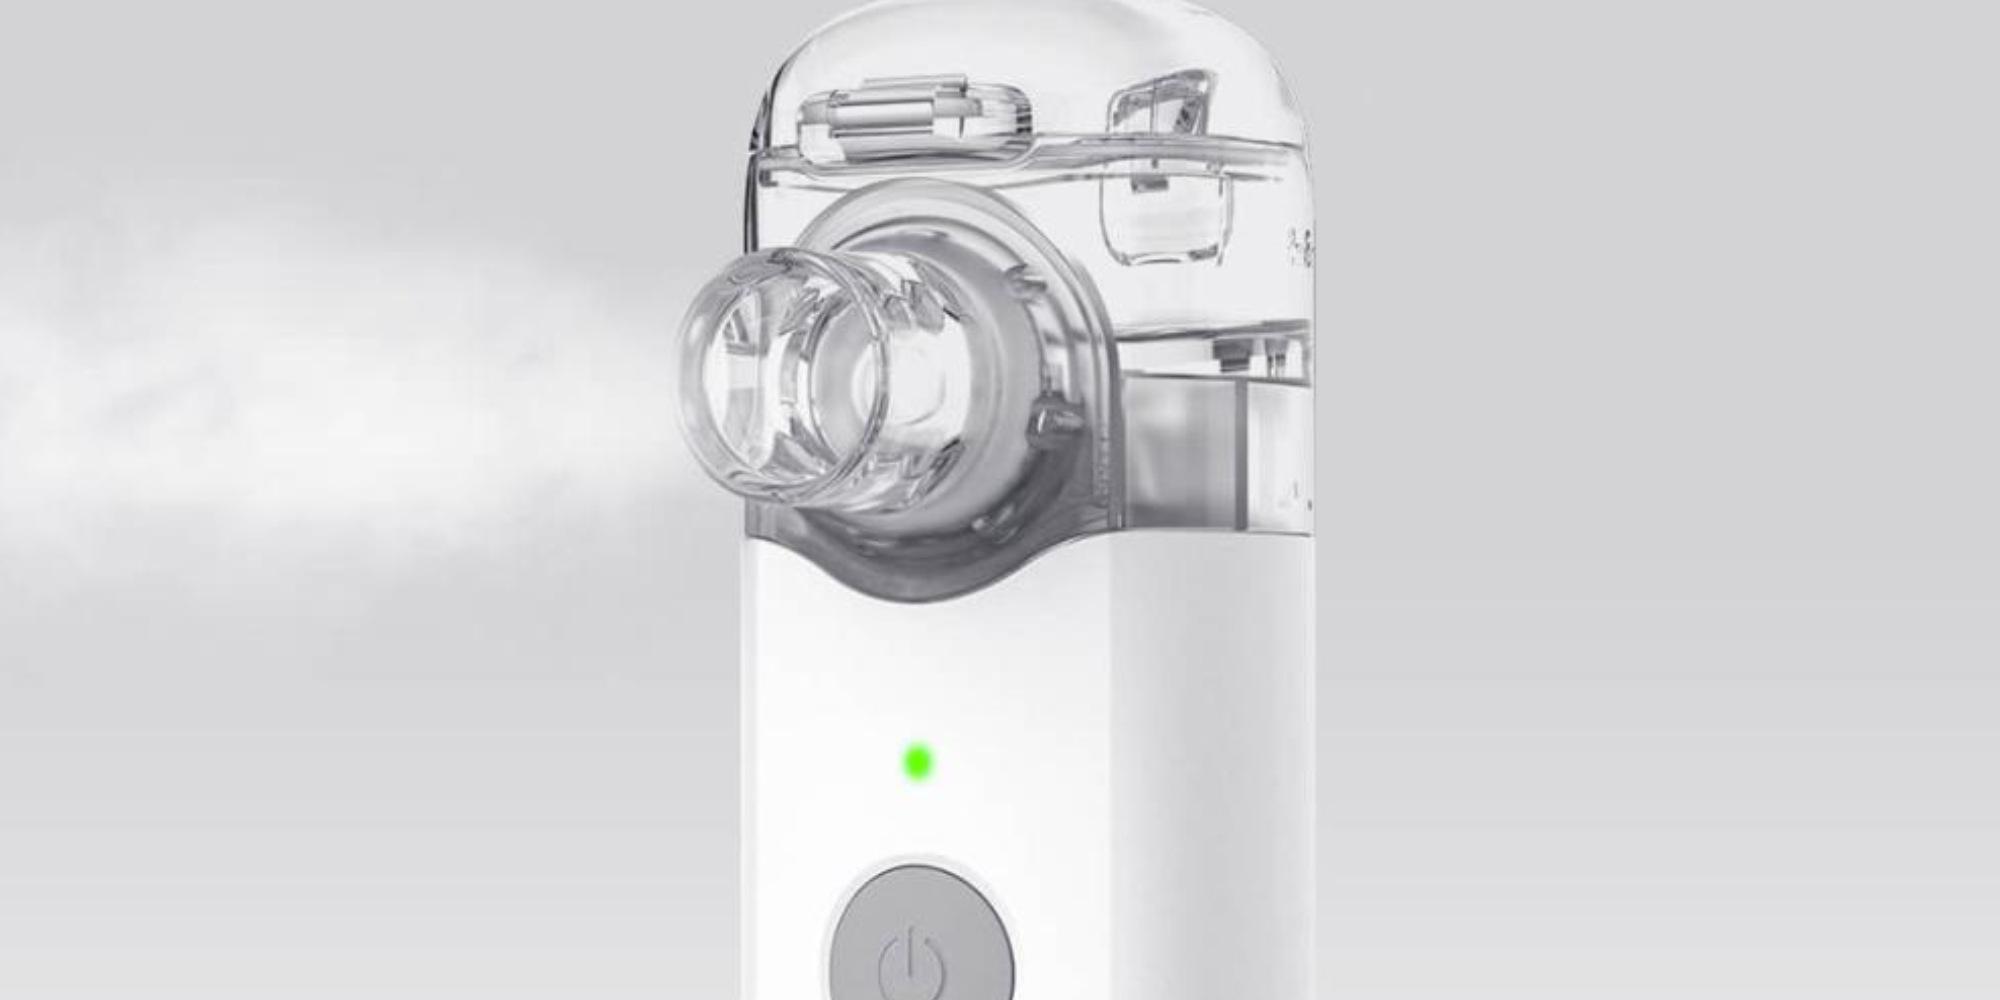 جهاز البخار المحمول من شاومي